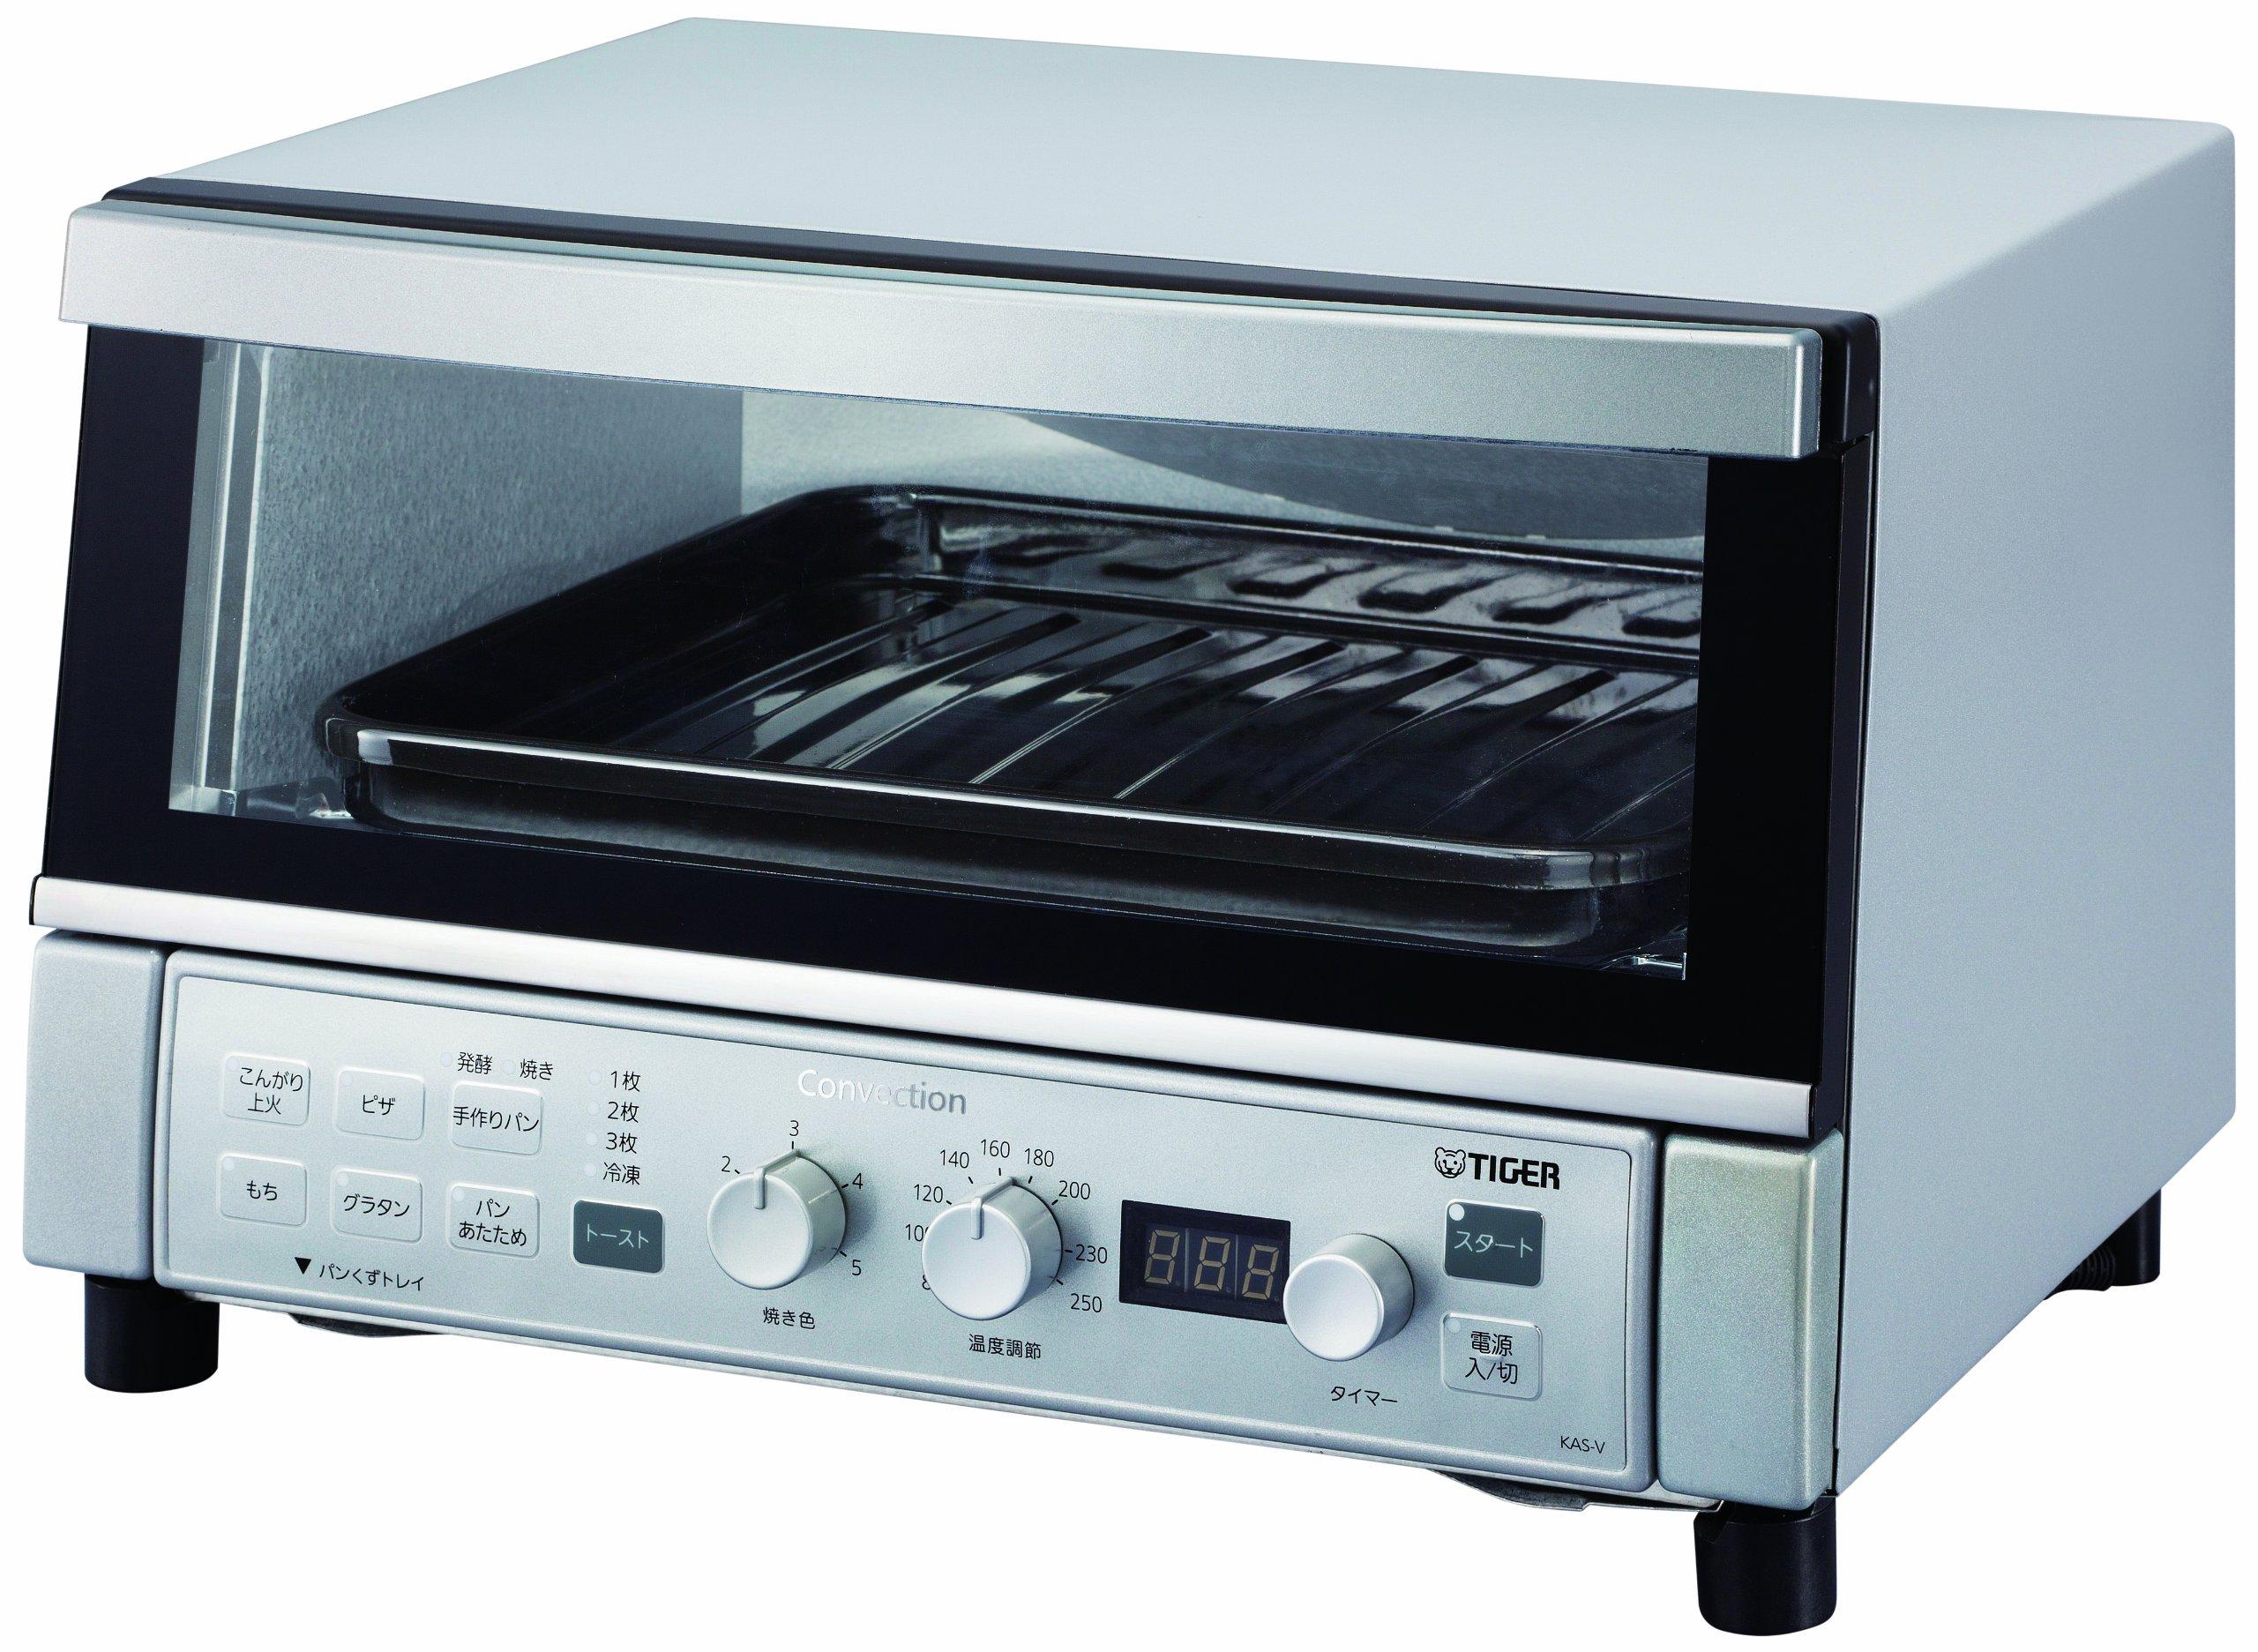 タイガー コンベクションオーブン&トースター 「やきたて」 シルバー KAS-V130-SN product image